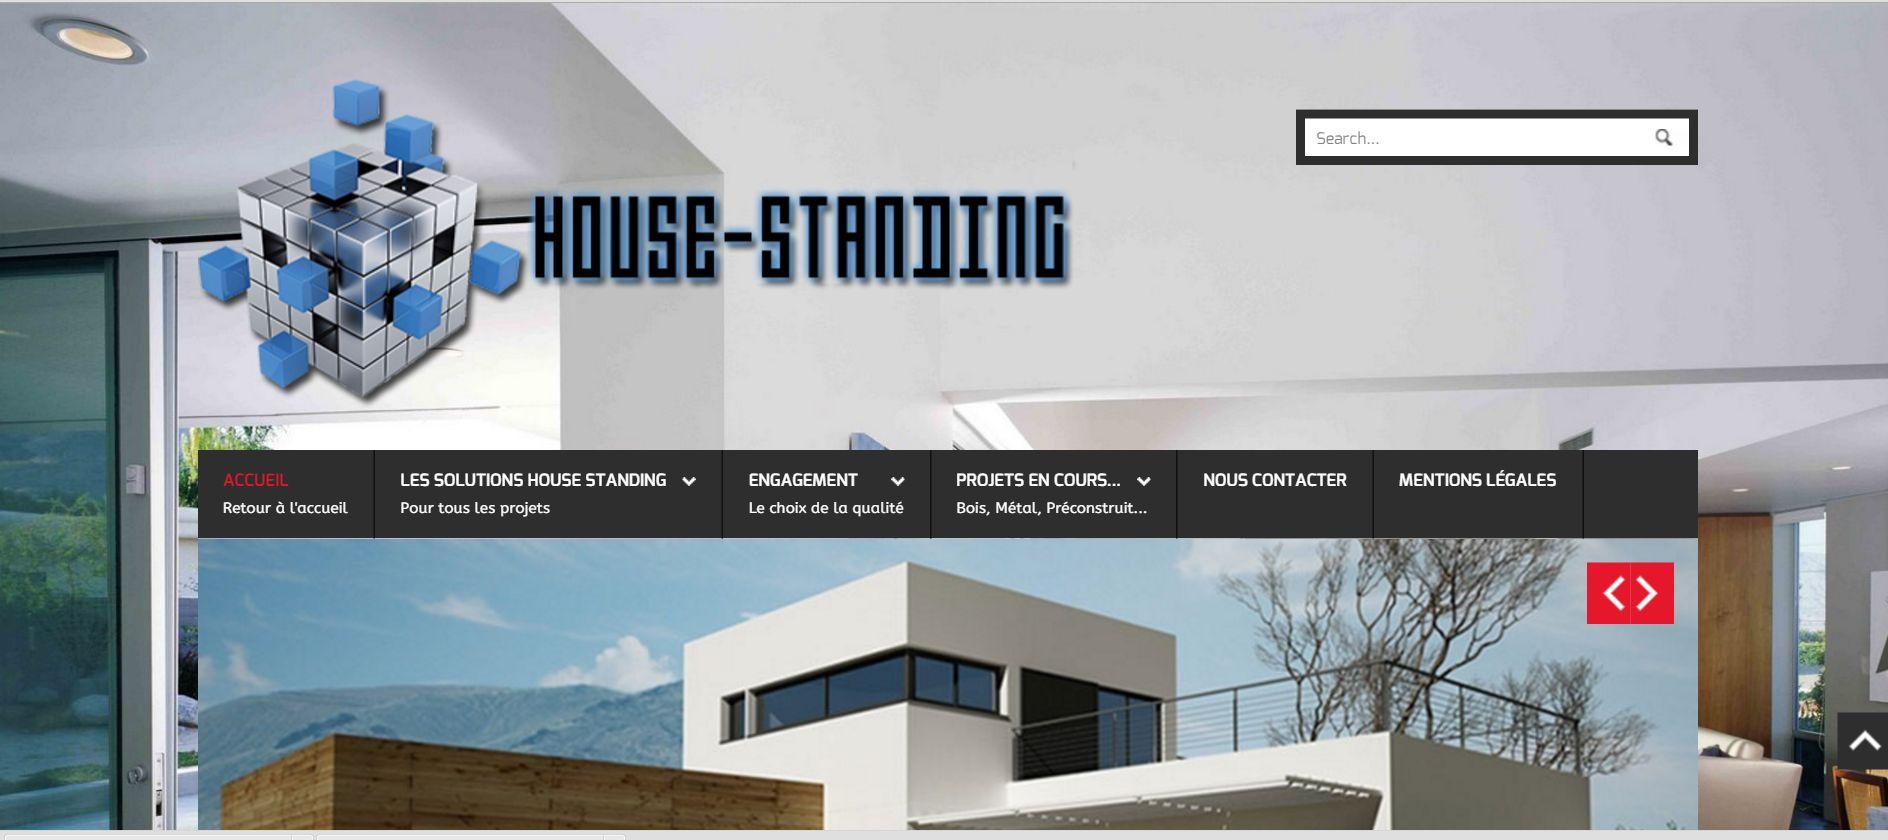 House-Standing M3CP choisit le plancher chauffant Caleosol Tradi XPS et  ECO+, la PAC LG avec production ECS